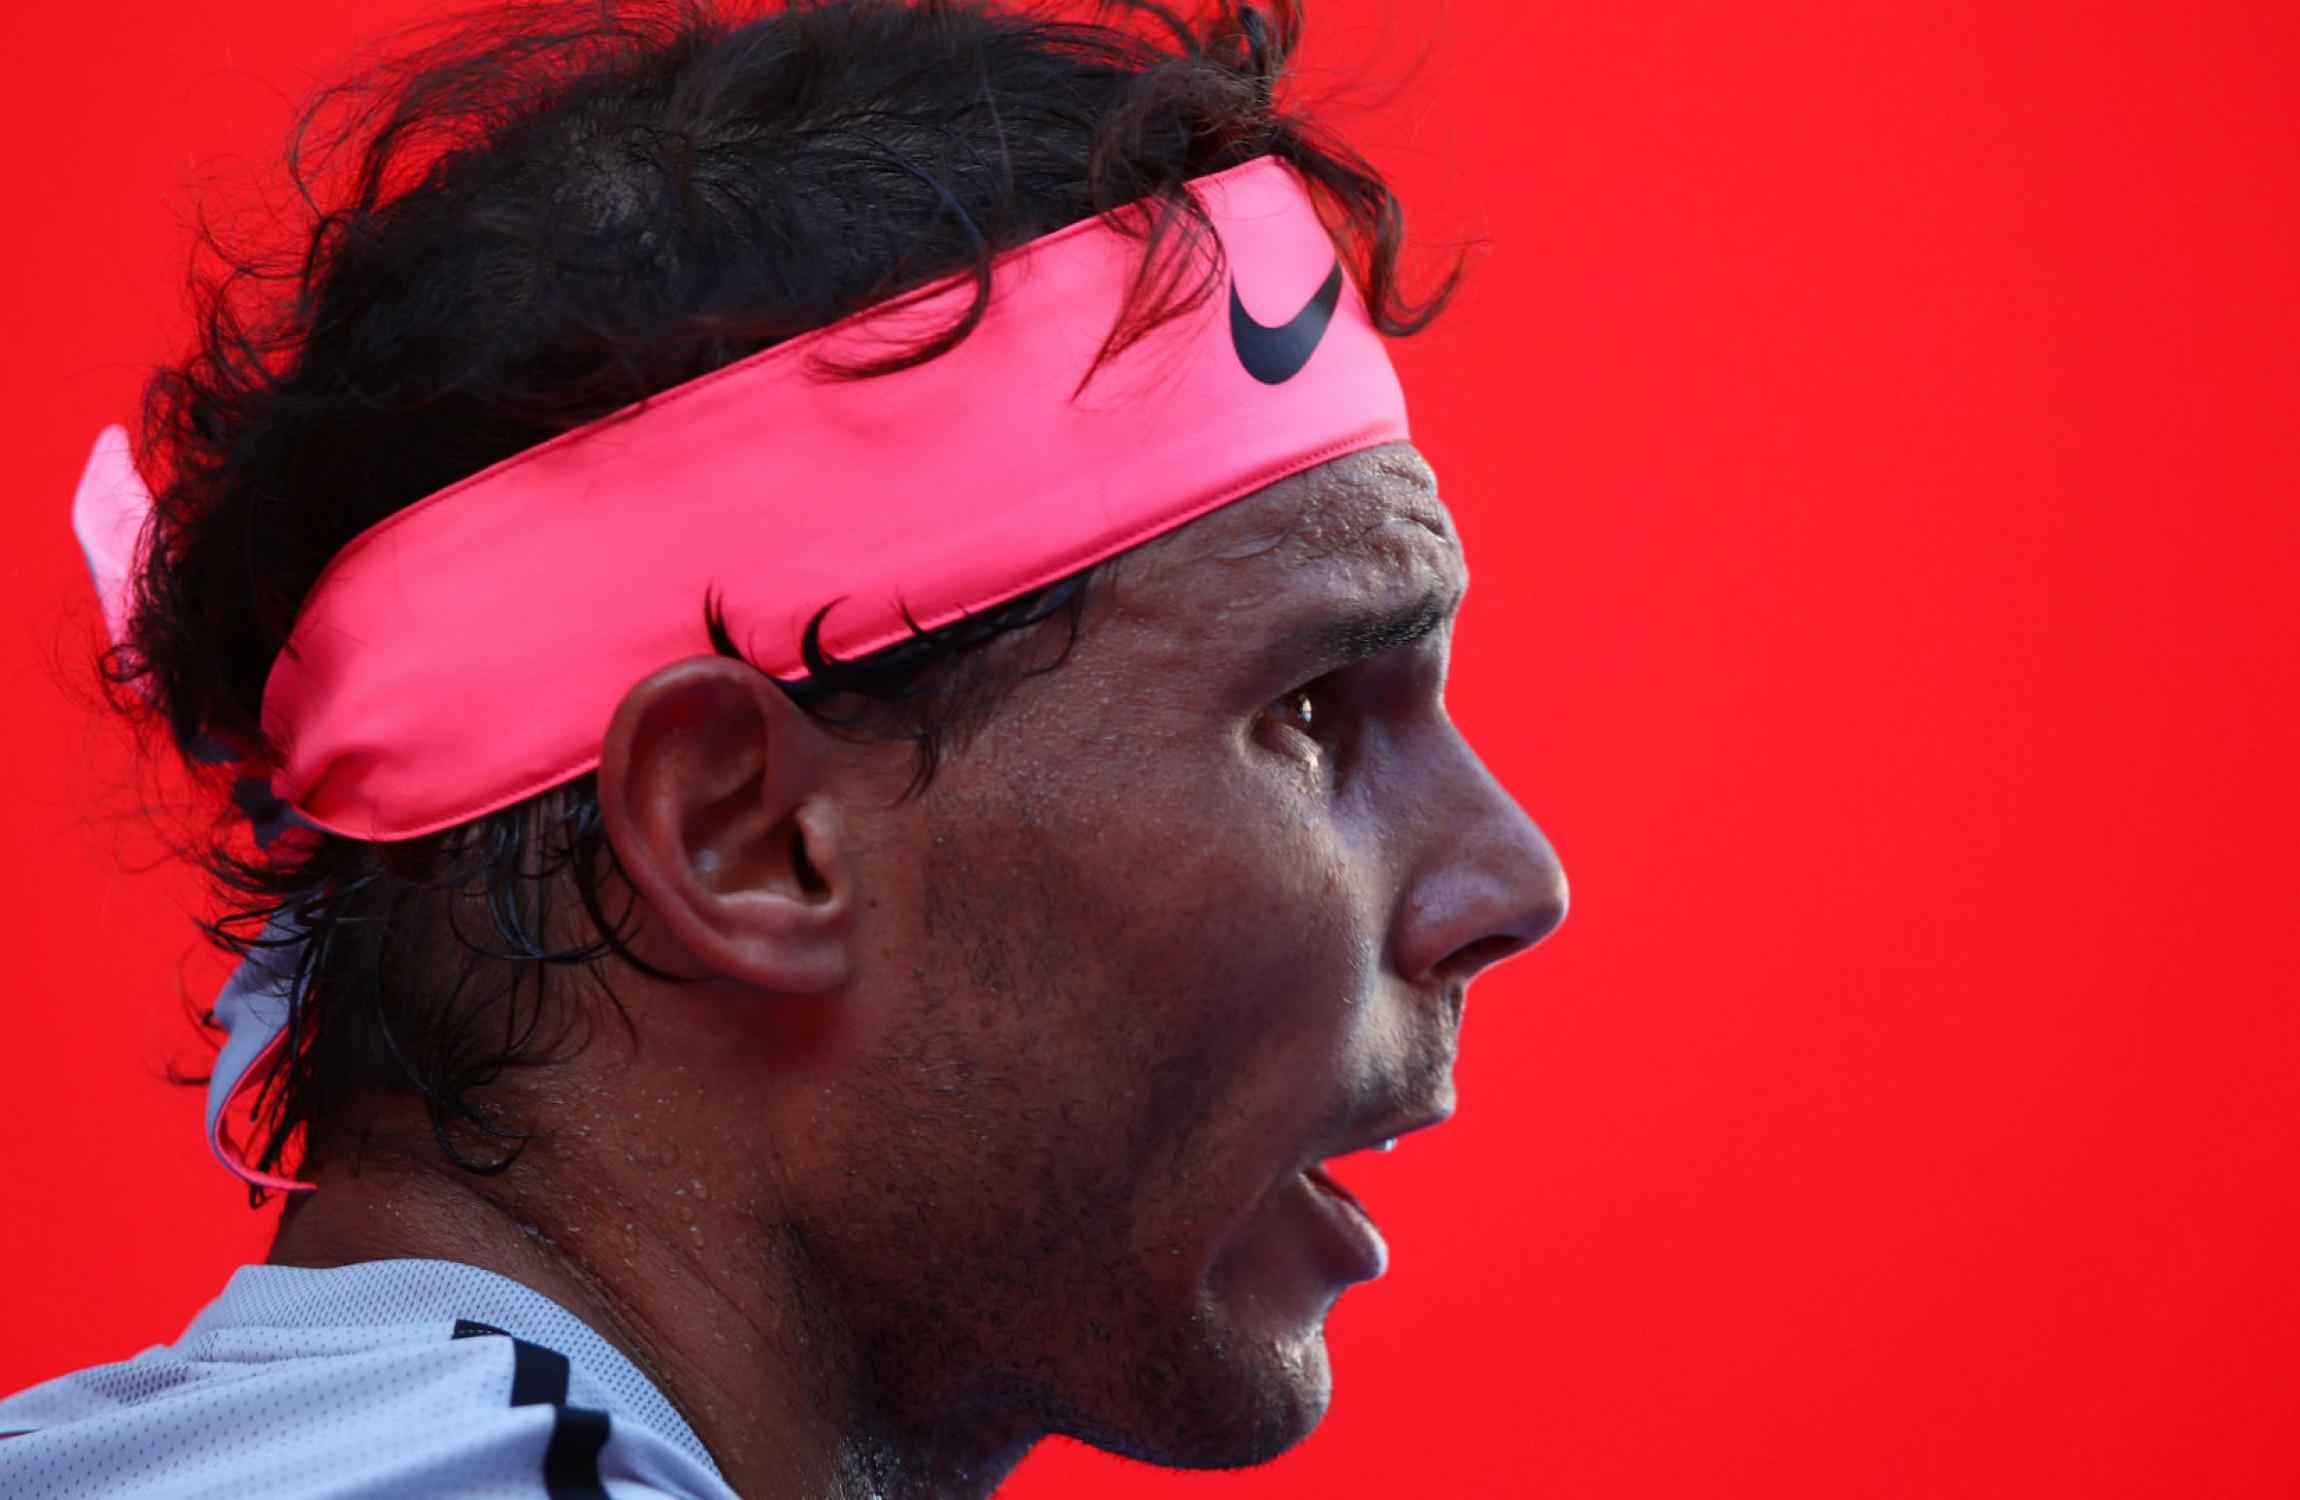 Australian Open: Novak Djokovic progresses to round four despite injury scare